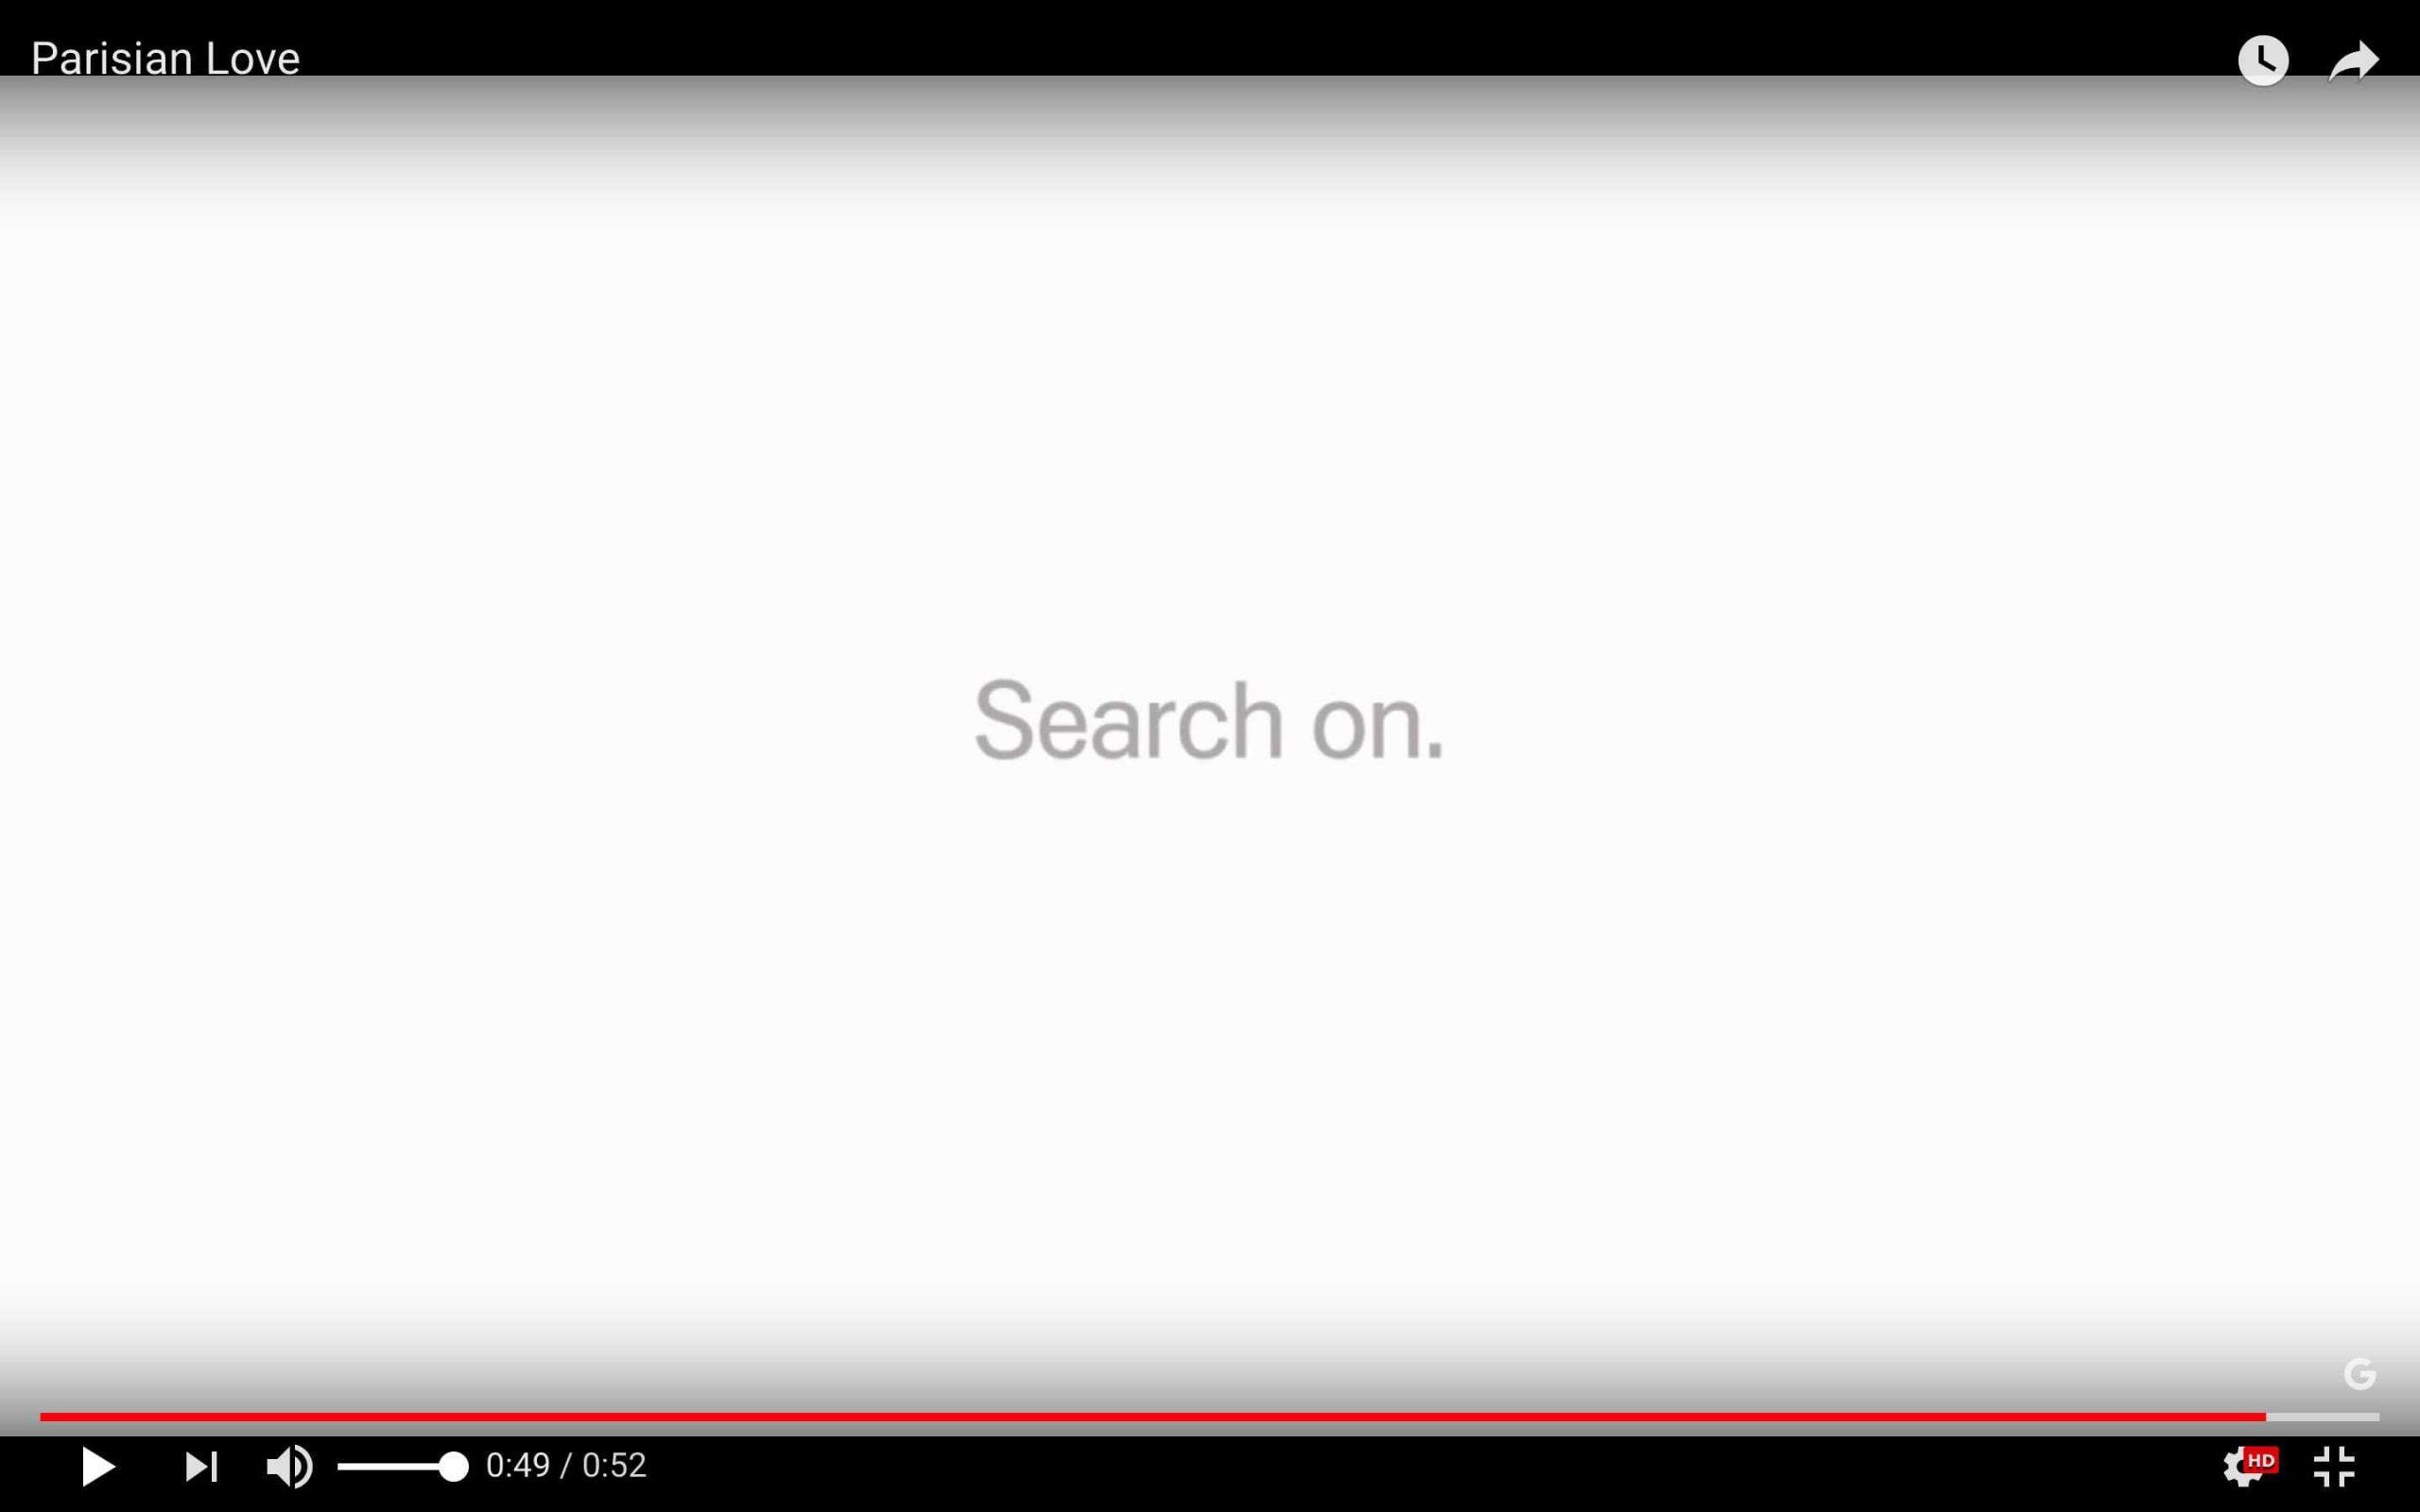 publicite-mythique-parisian-love-google-01